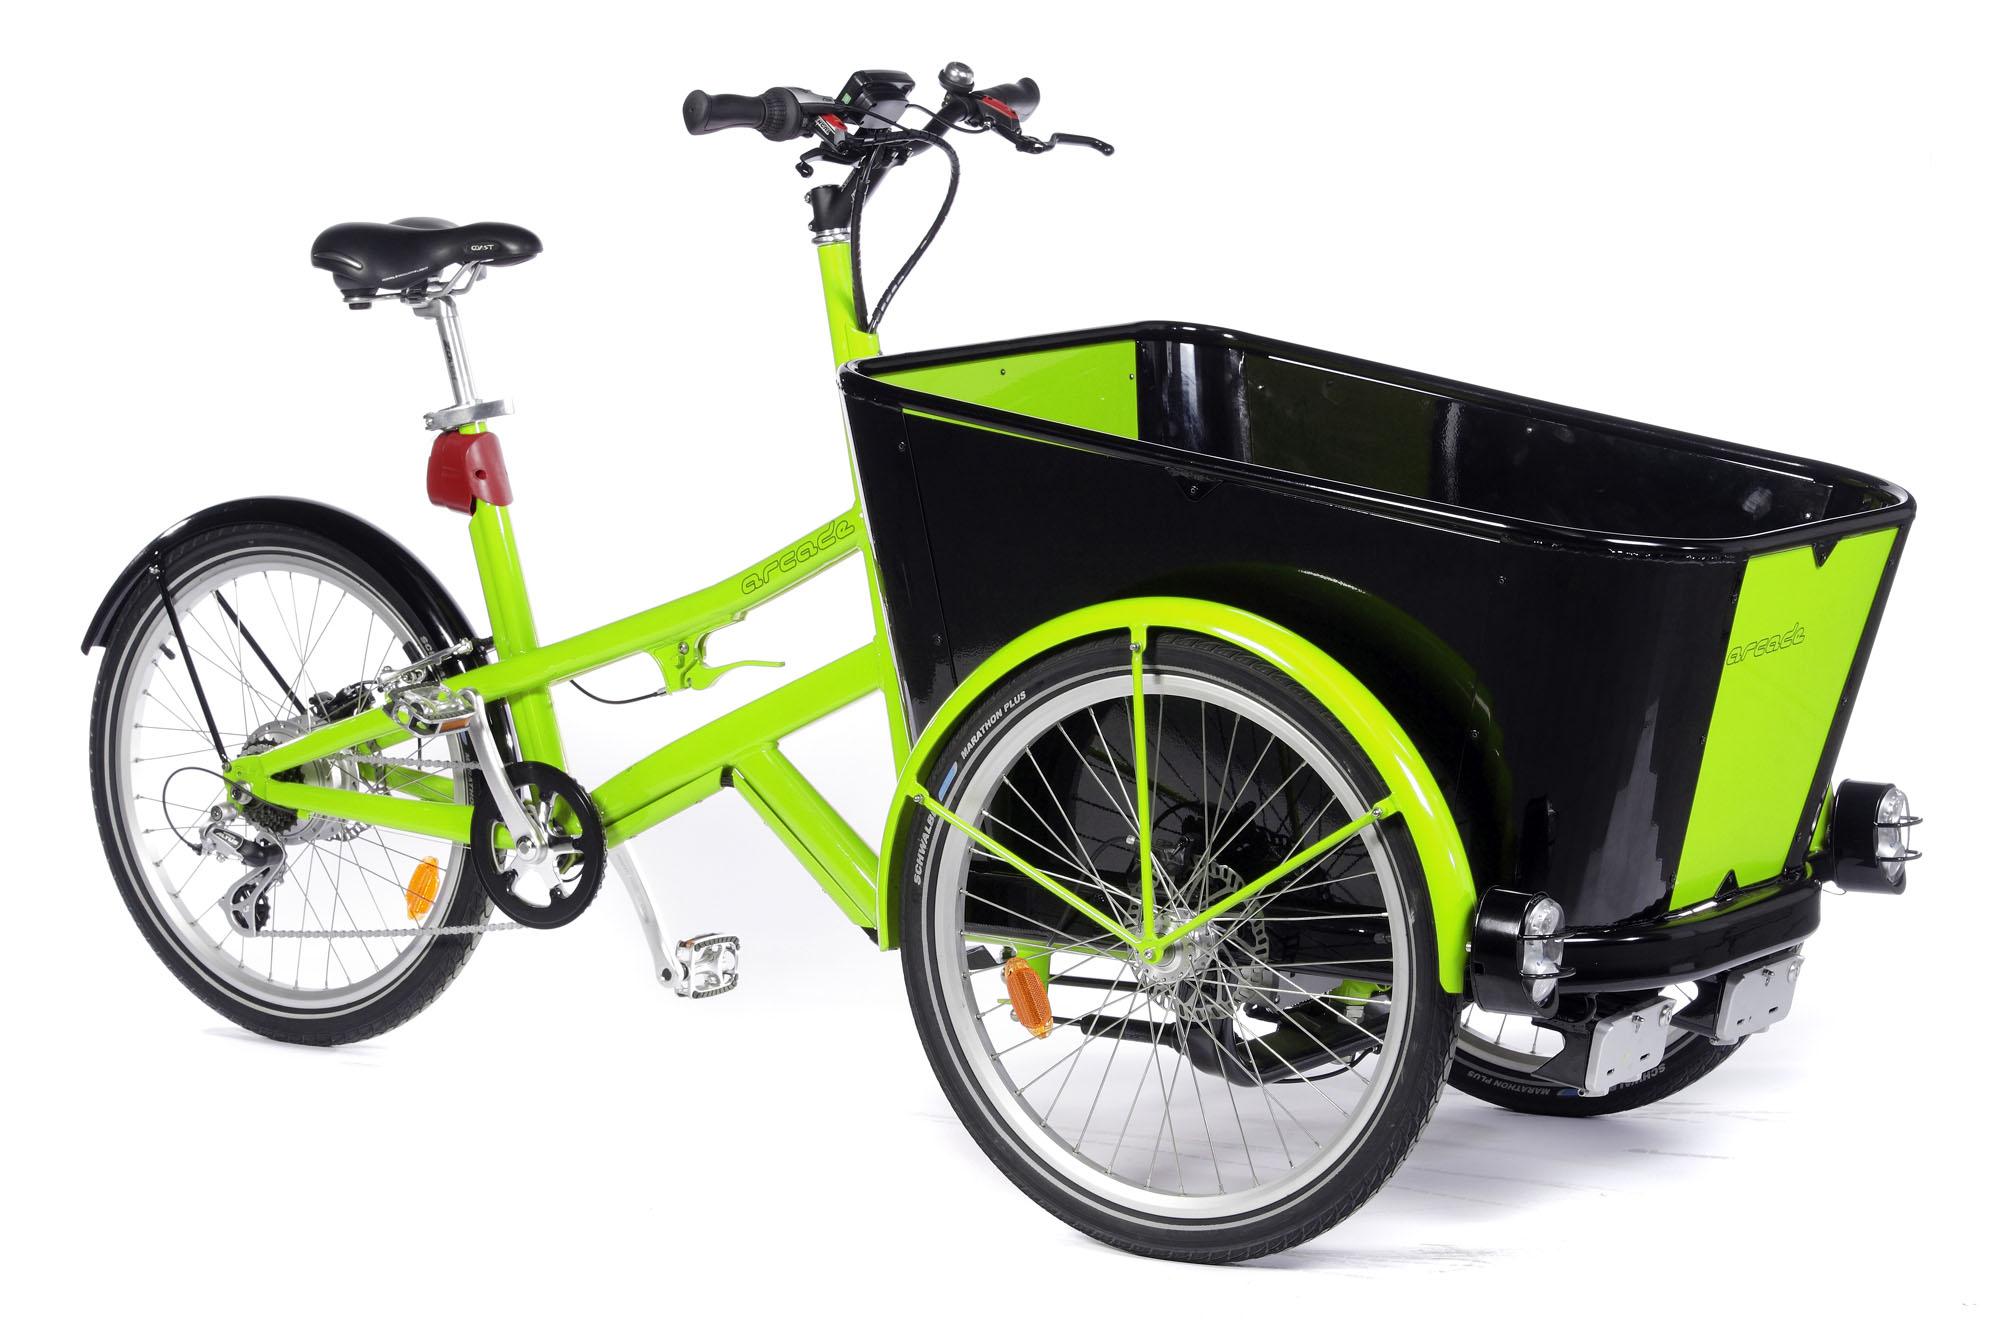 vente en ligne tricycle lectriques pour. Black Bedroom Furniture Sets. Home Design Ideas